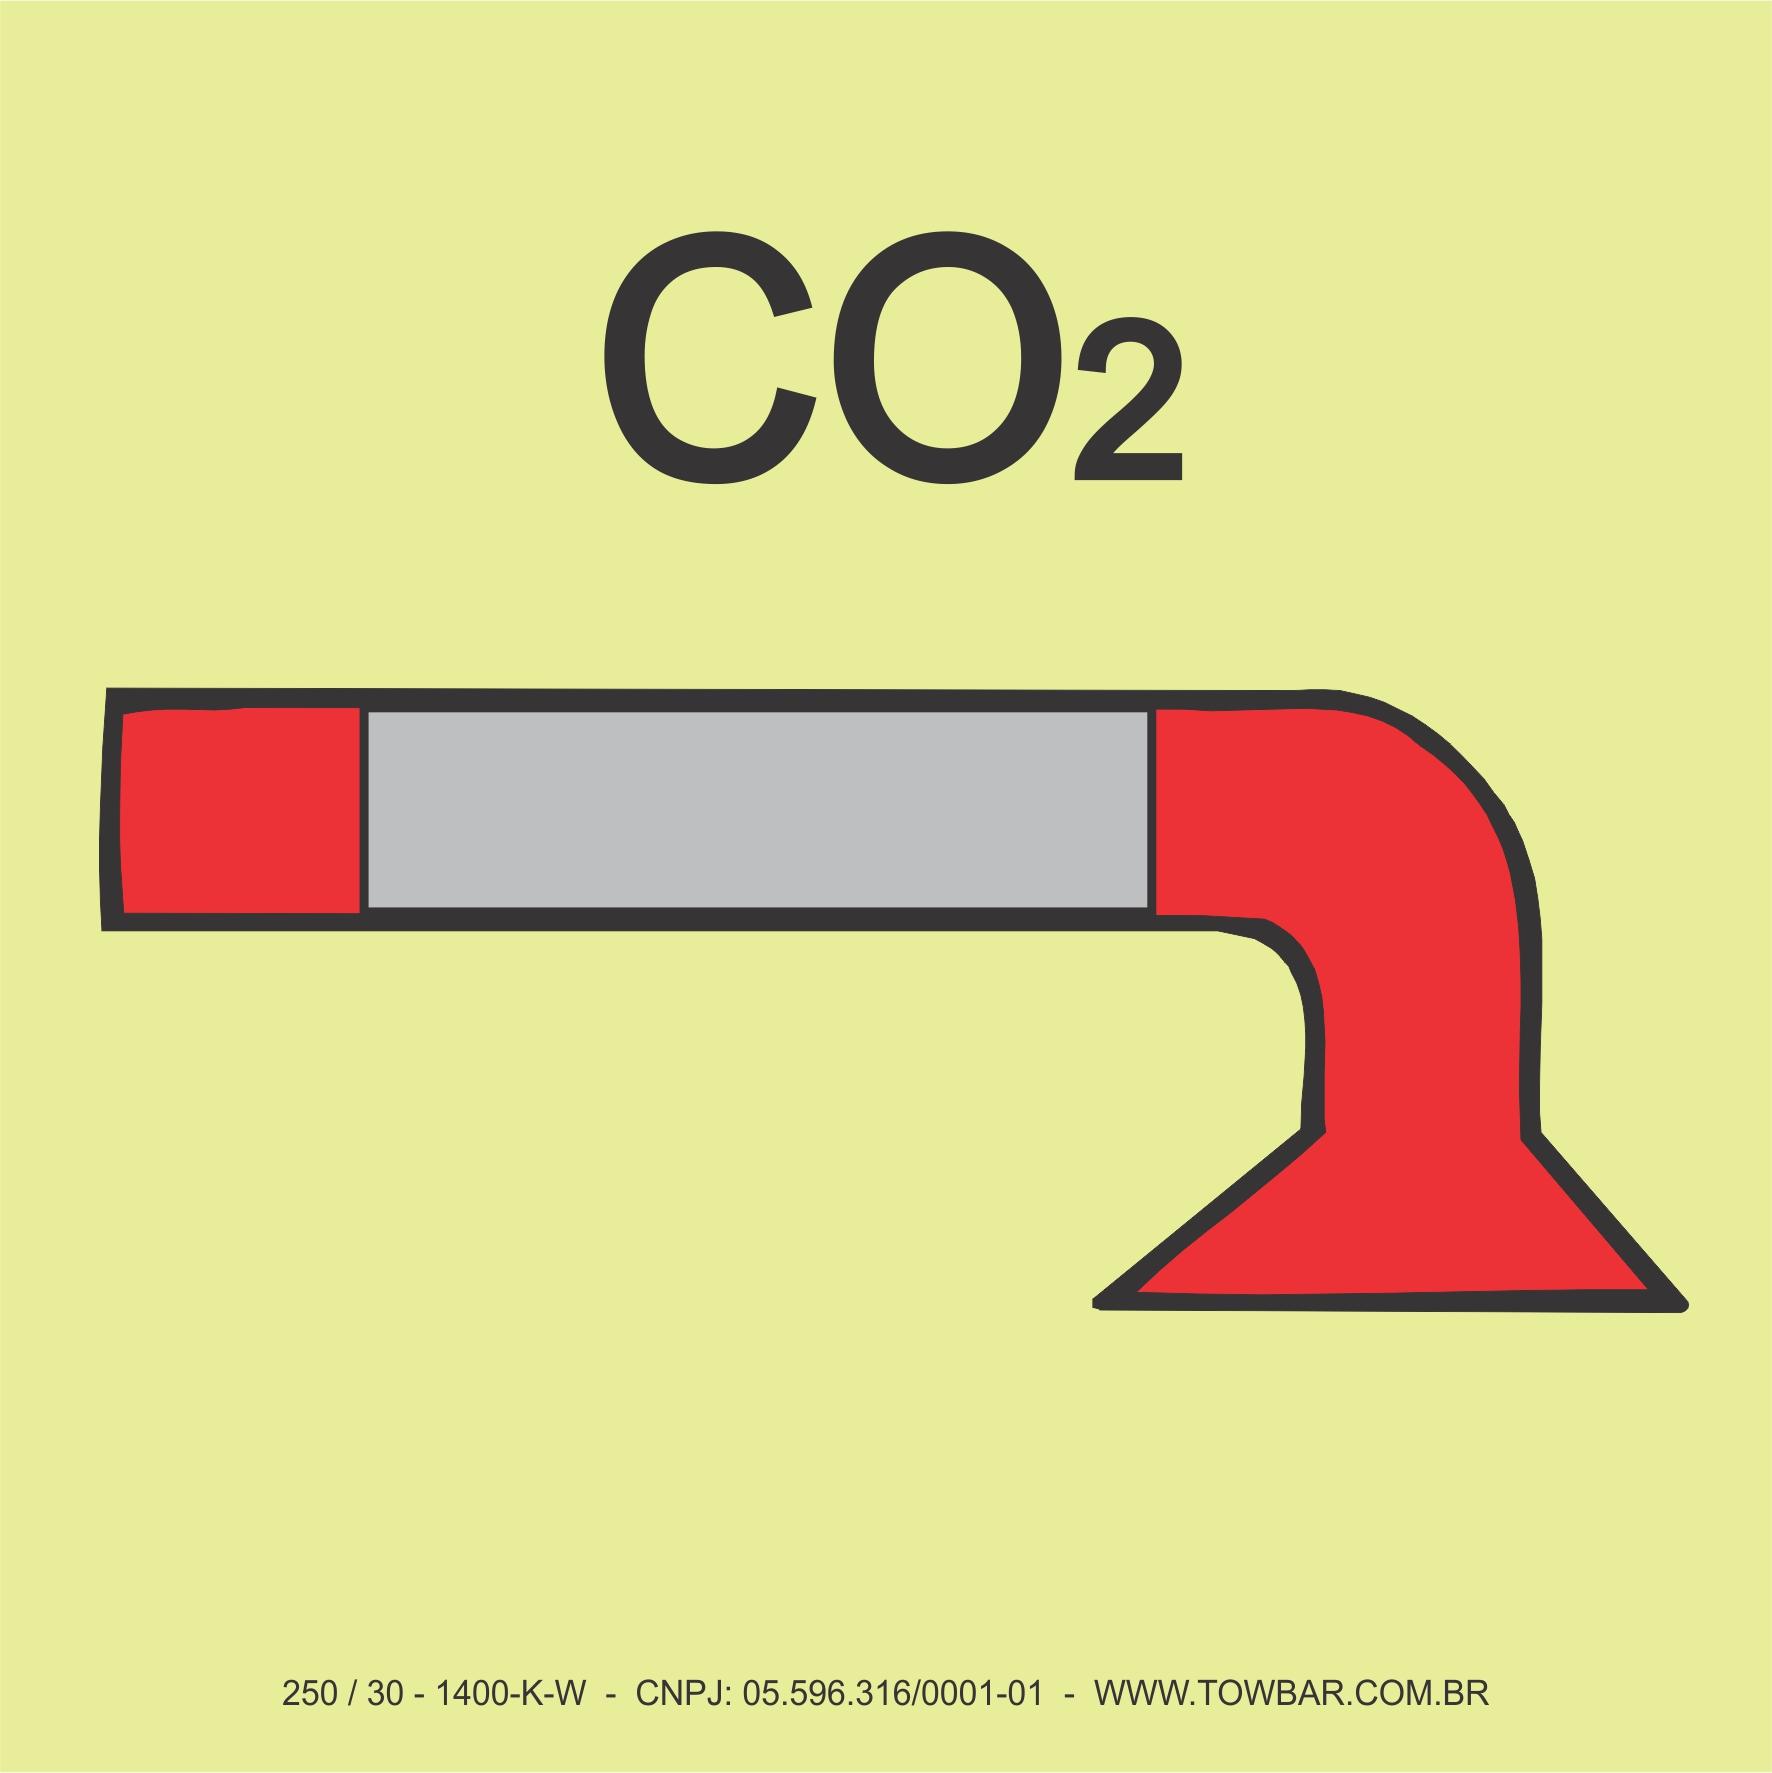 Space Protected by Water CO2  - Towbar Sinalização de Segurança